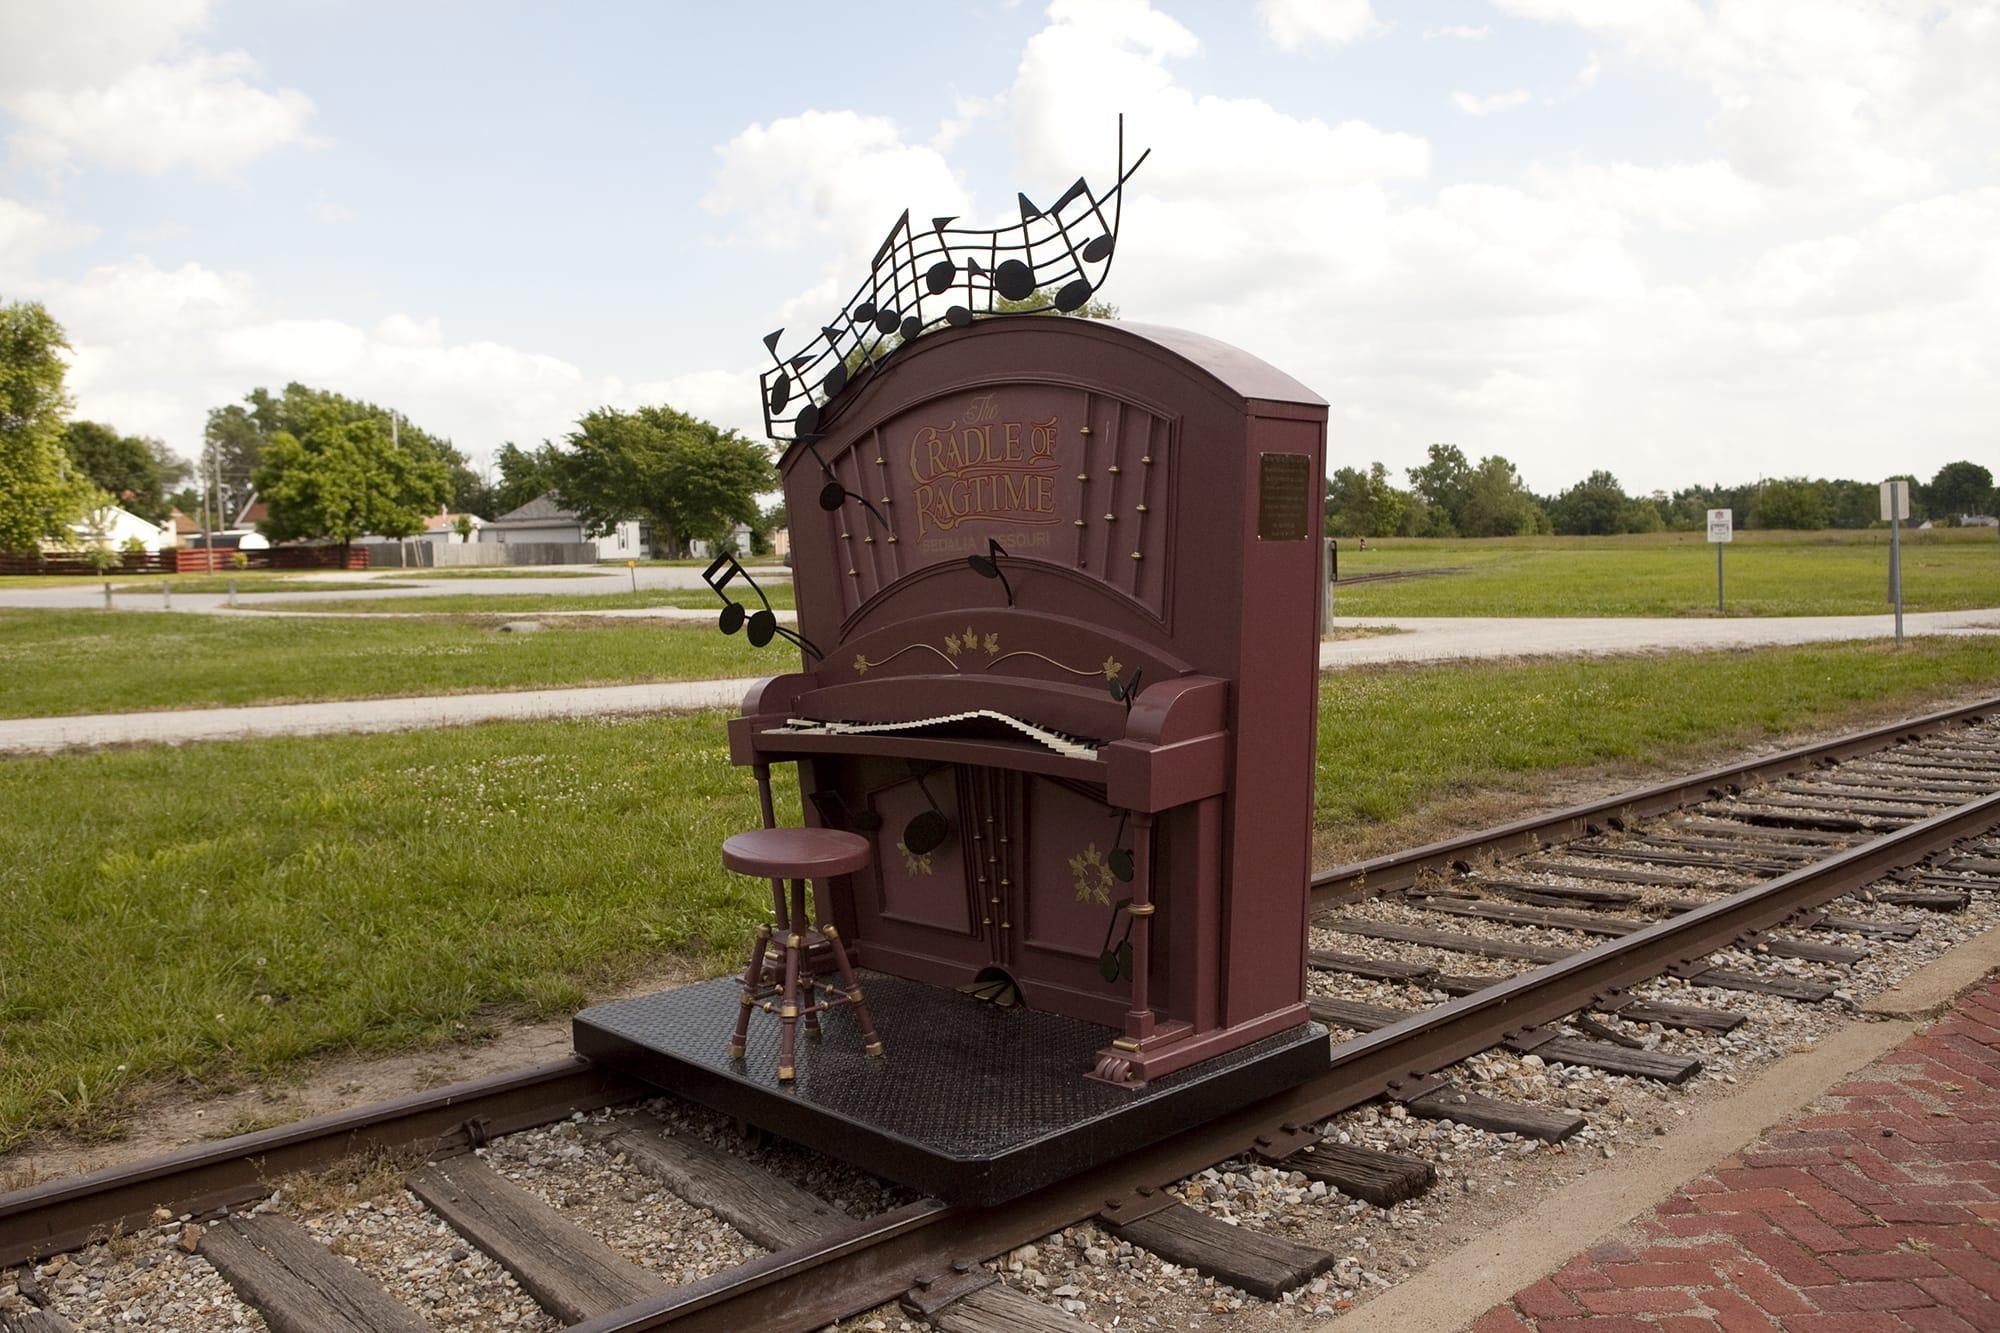 Railroad art on a Missouri road trip.